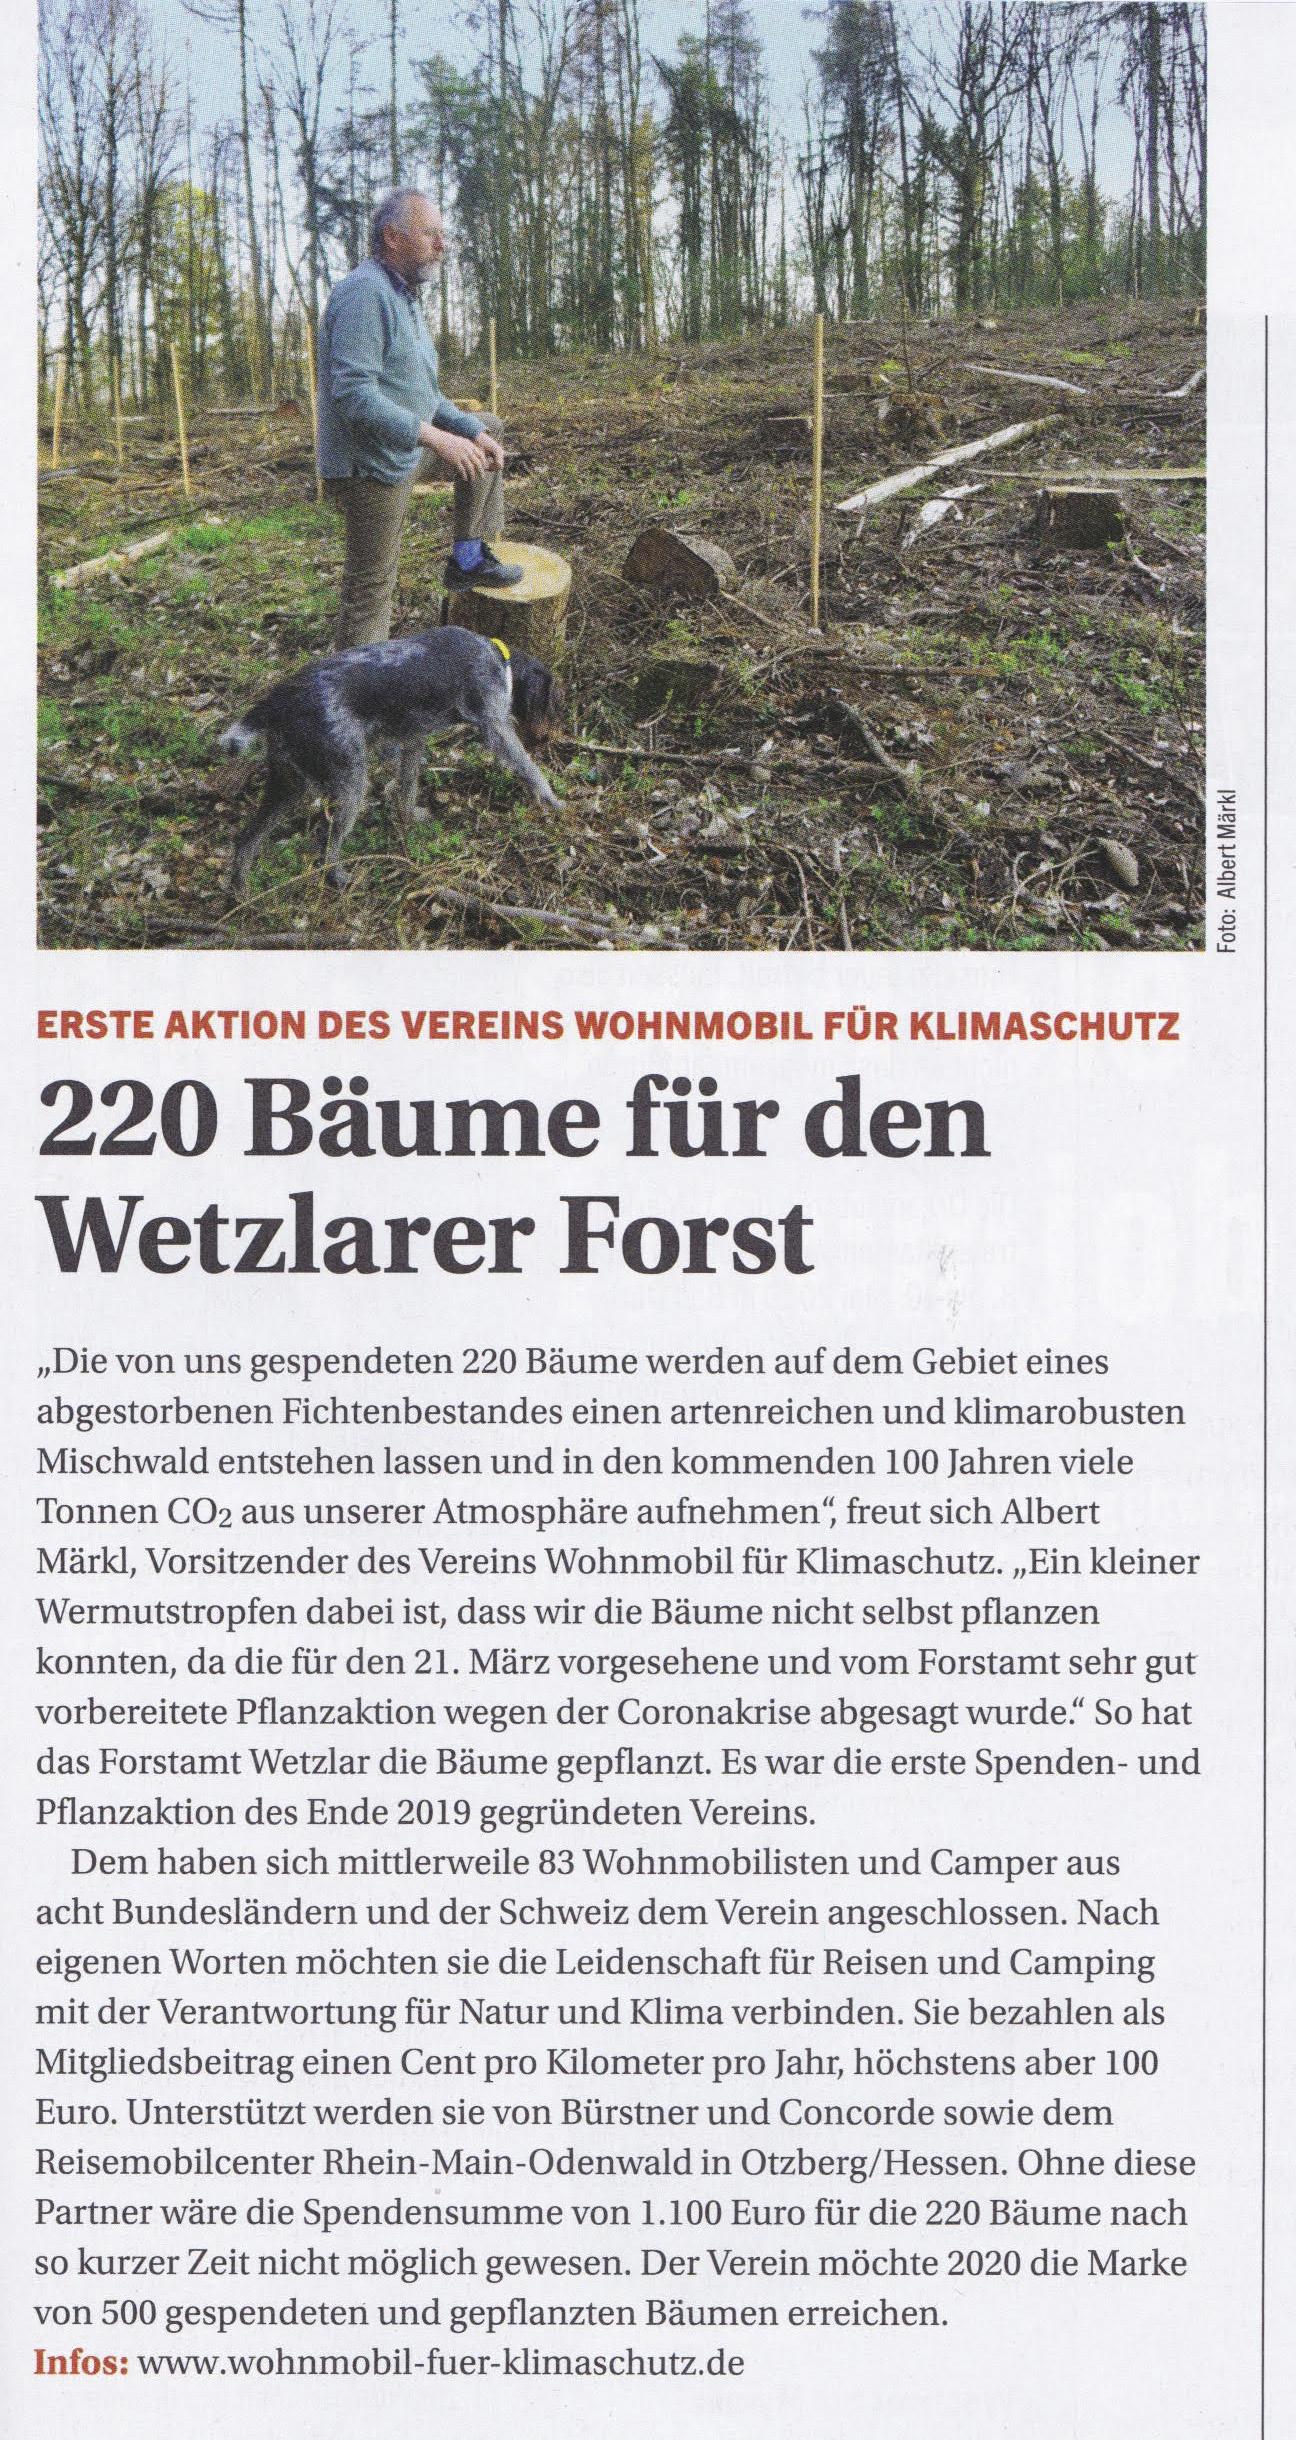 WOHNmobil für Klimaschutz Aktion im Wetzlarer Wald